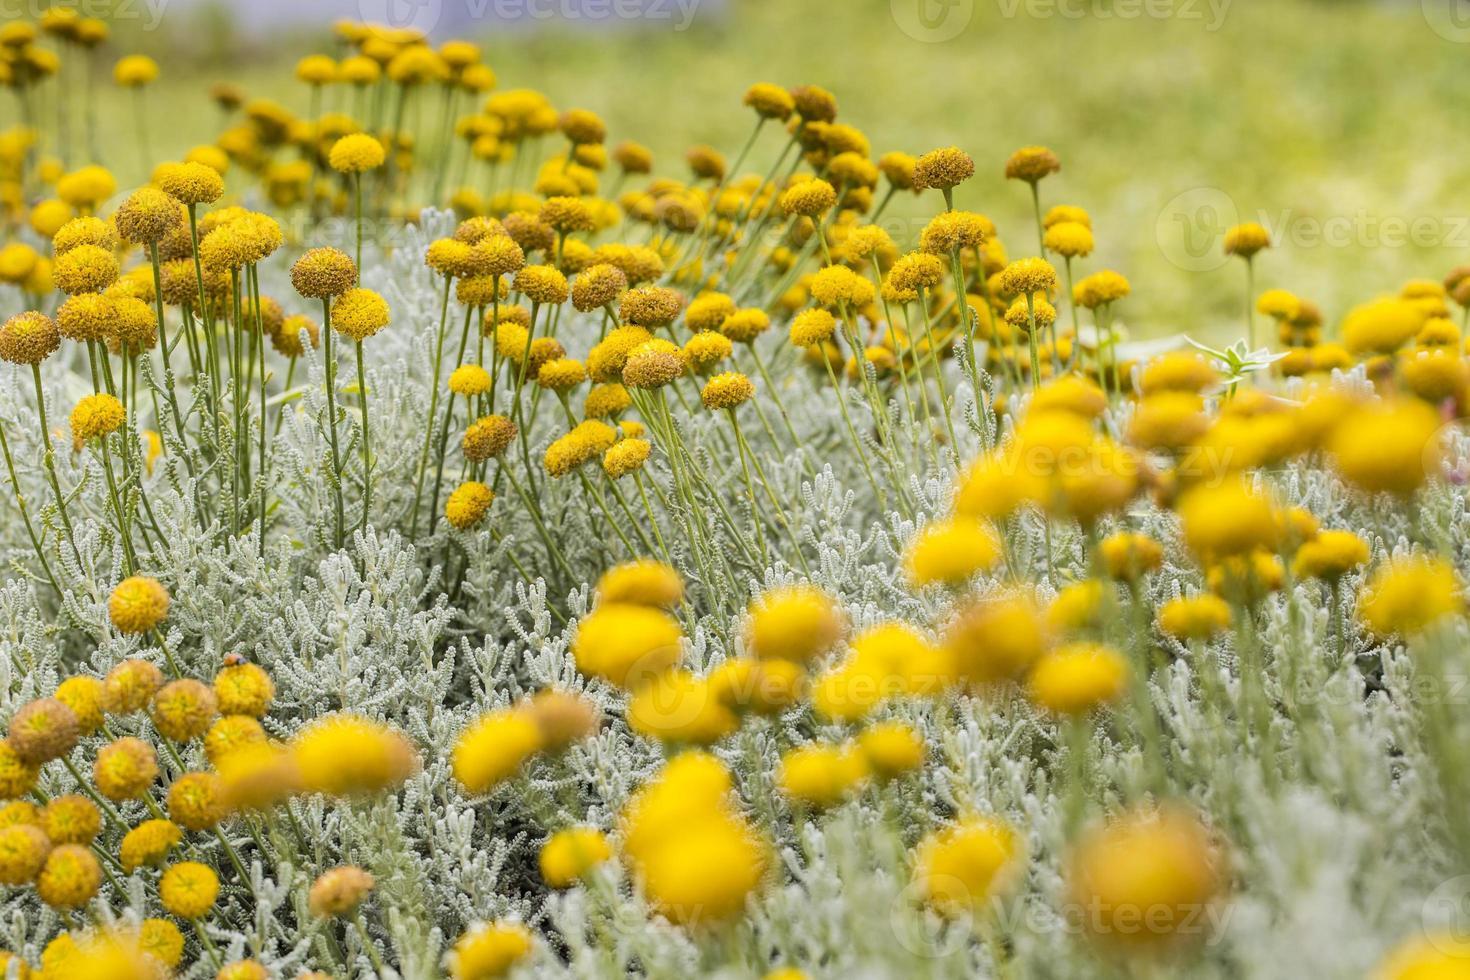 fiore delle isole canarie. foto